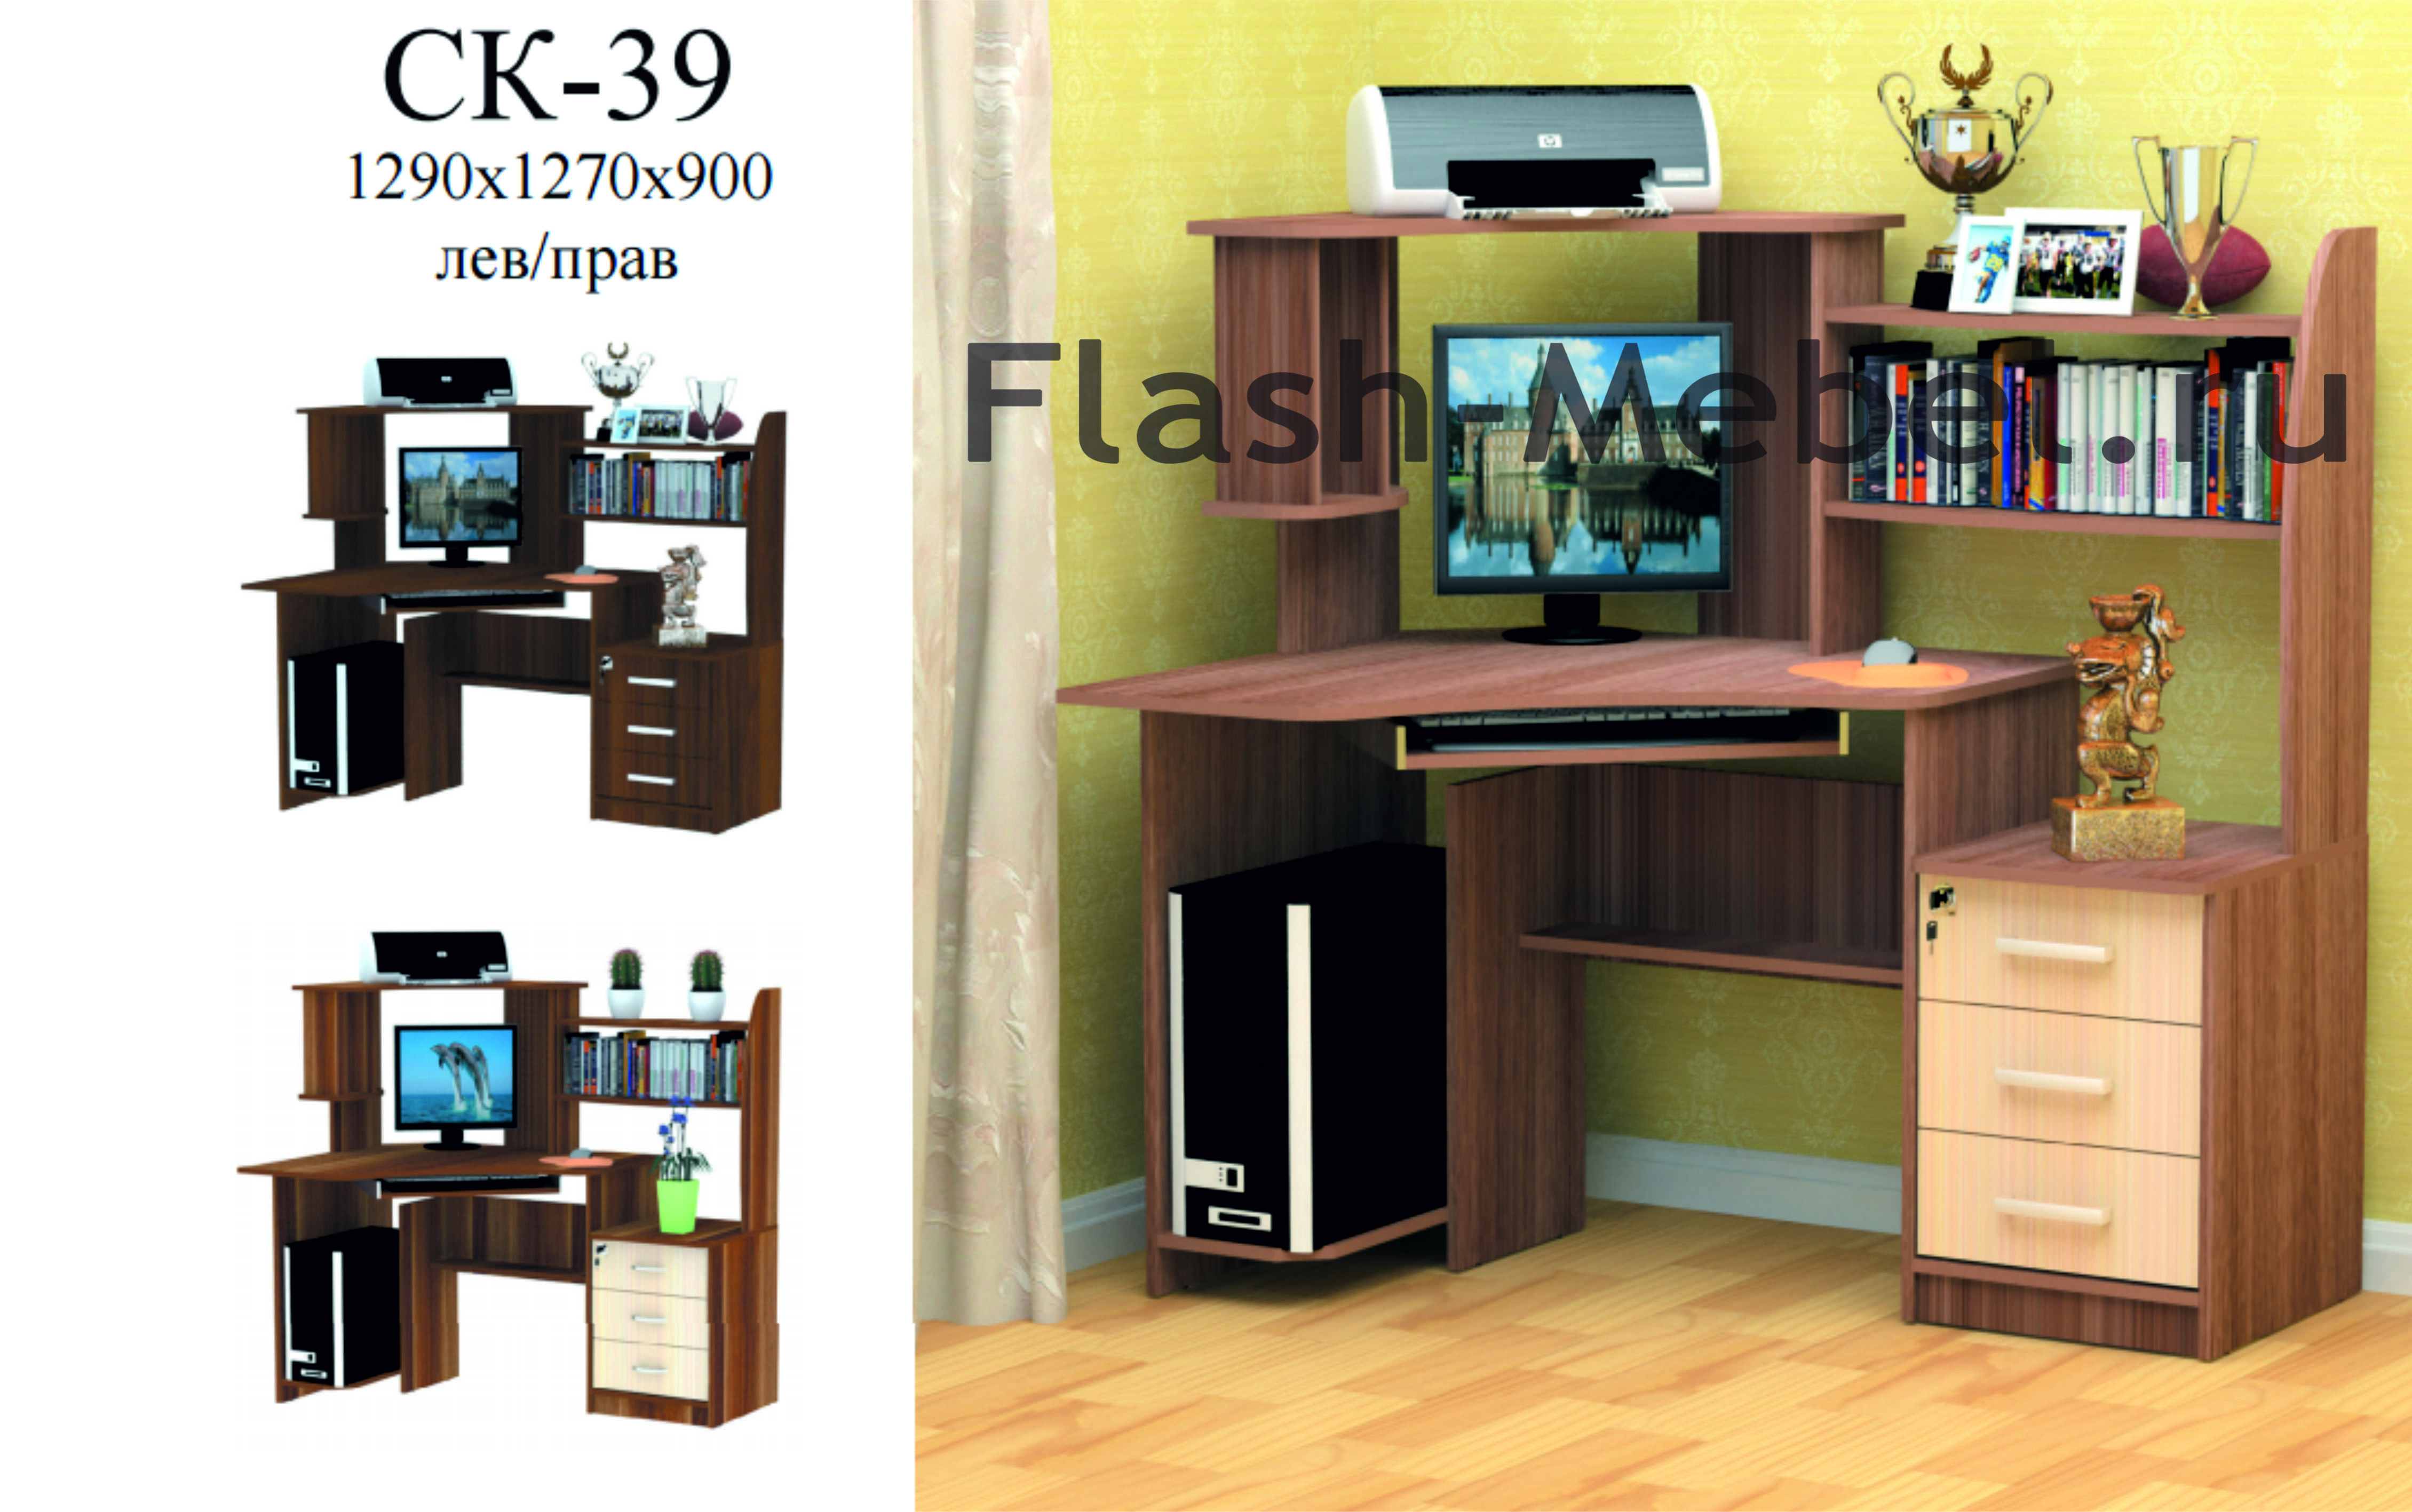 Купить стол компьютерный угловой ск-39 в новороссийске недор.